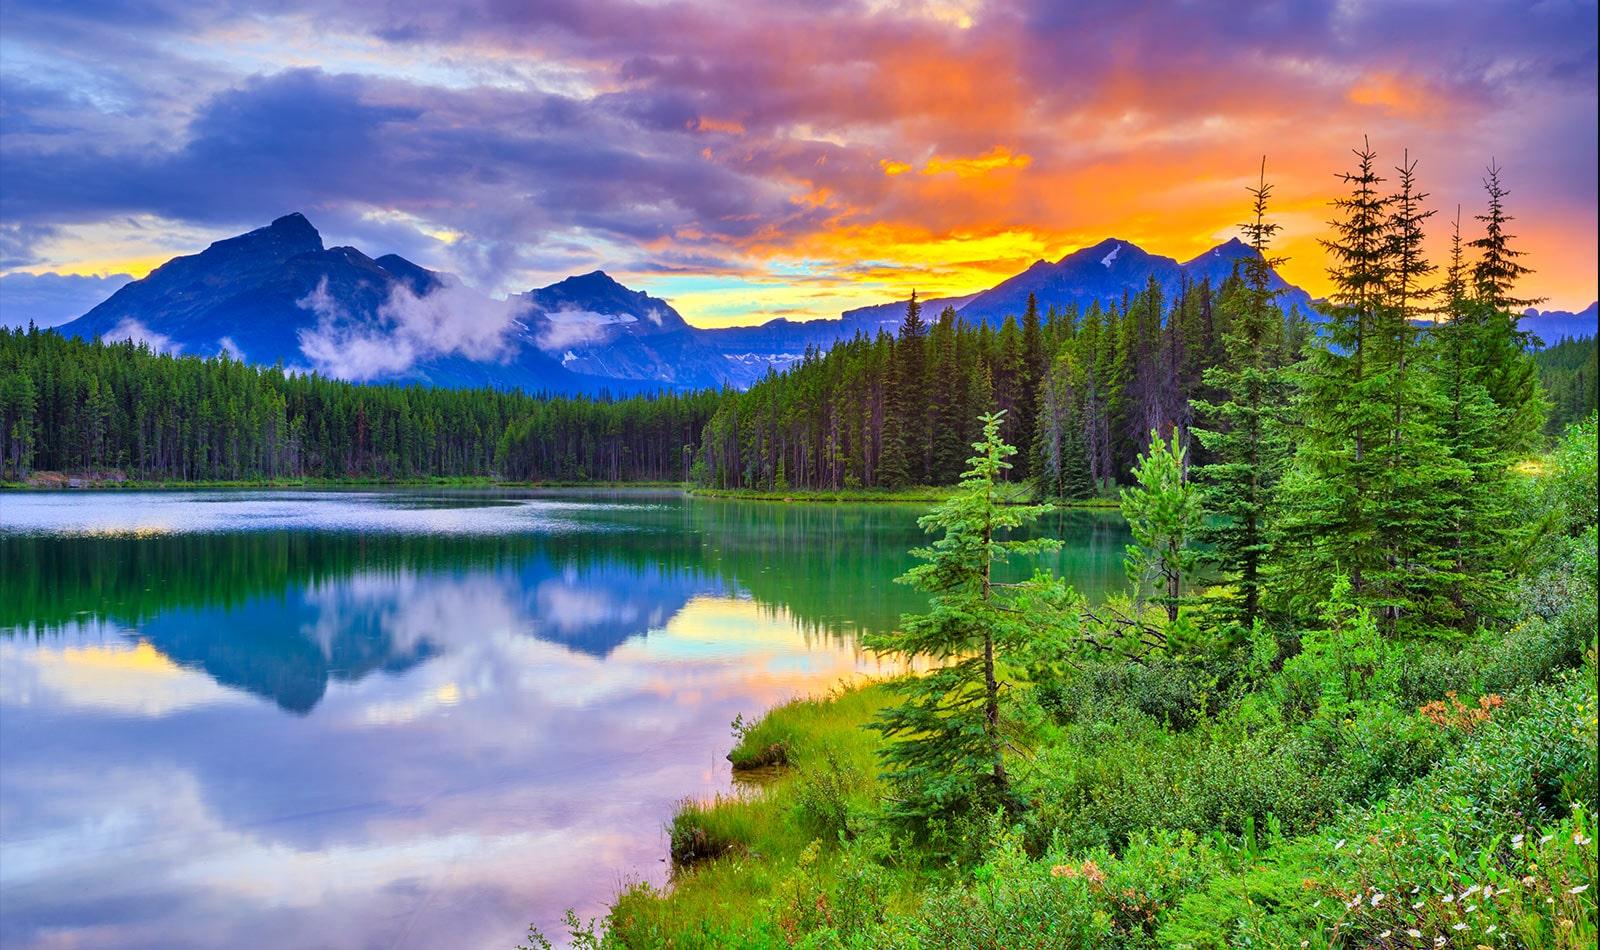 Esta tarjeta describe la calidad de imagen. Es una imagen de una puesta de sol llena de color reflejada en un lago rodeado de bosques.